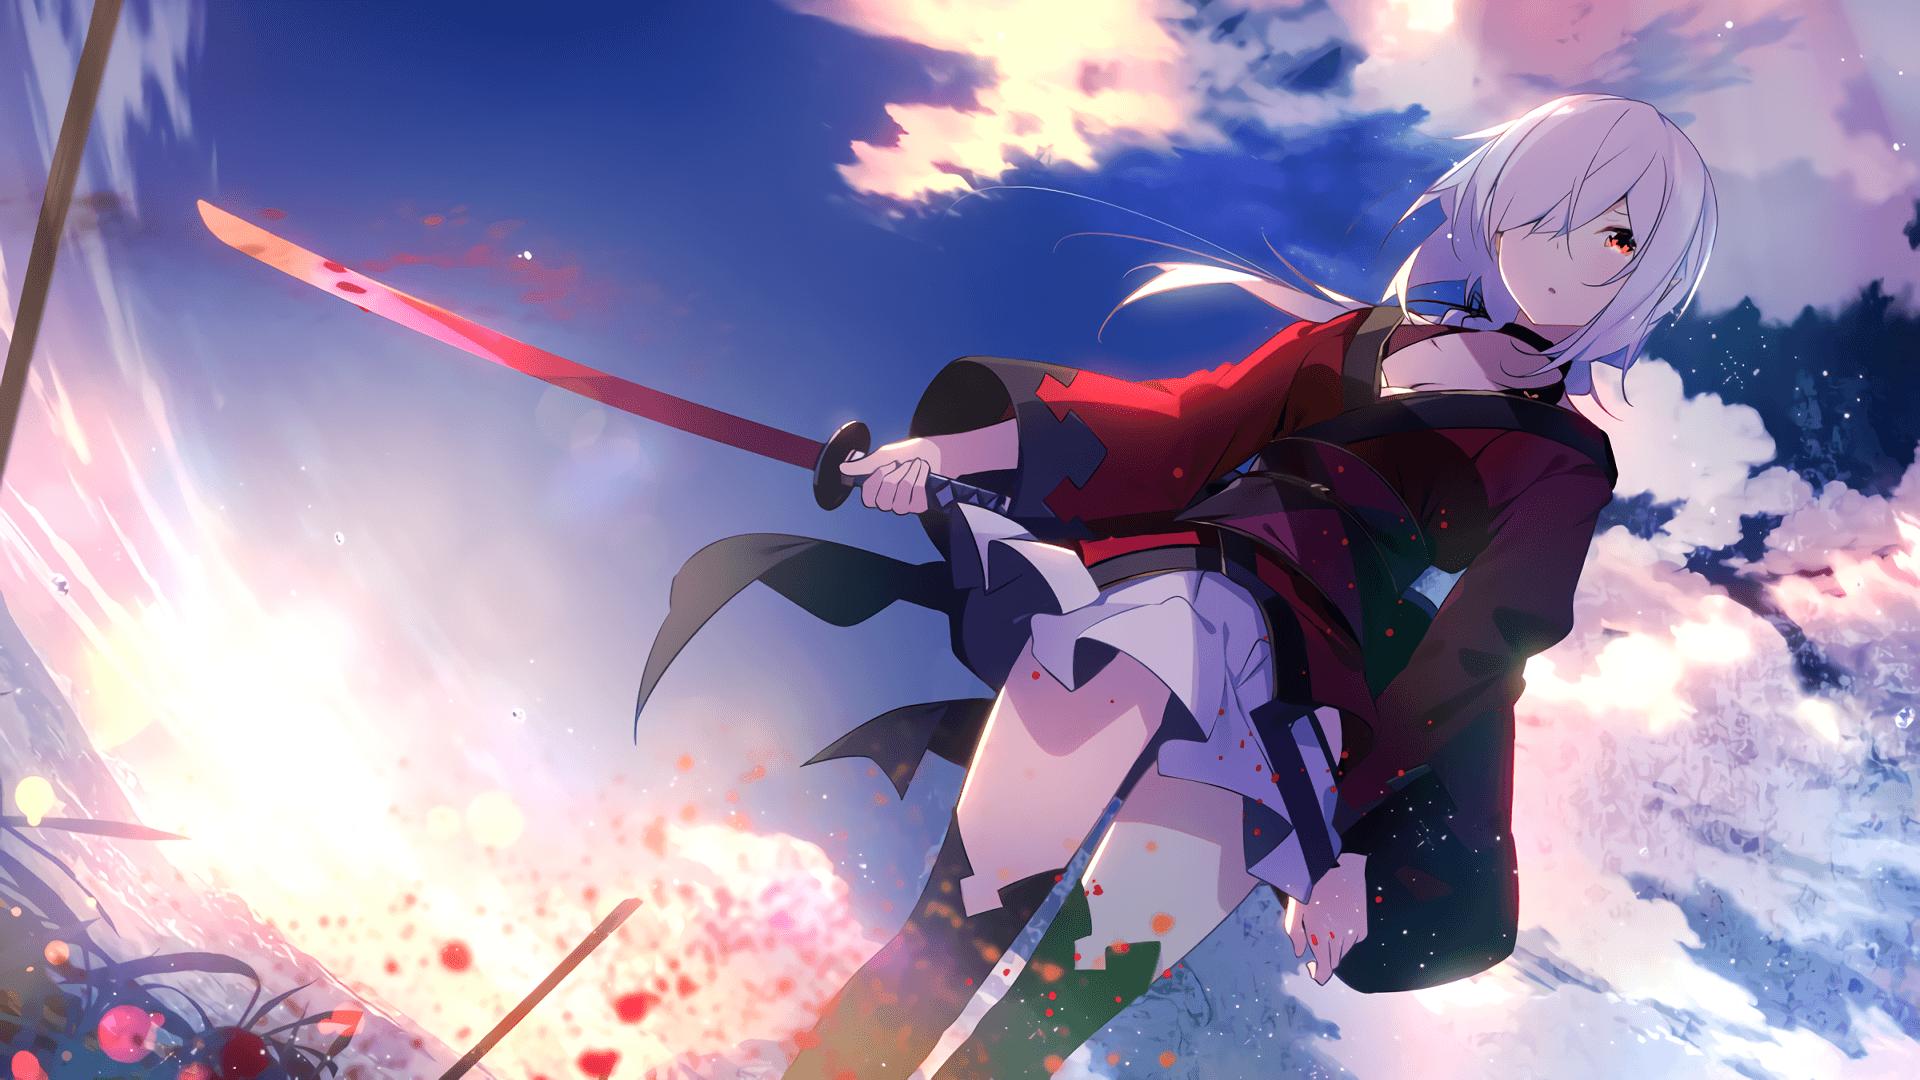 Hình ảnh anime tóc bạch kim yêu đao đỏ rực